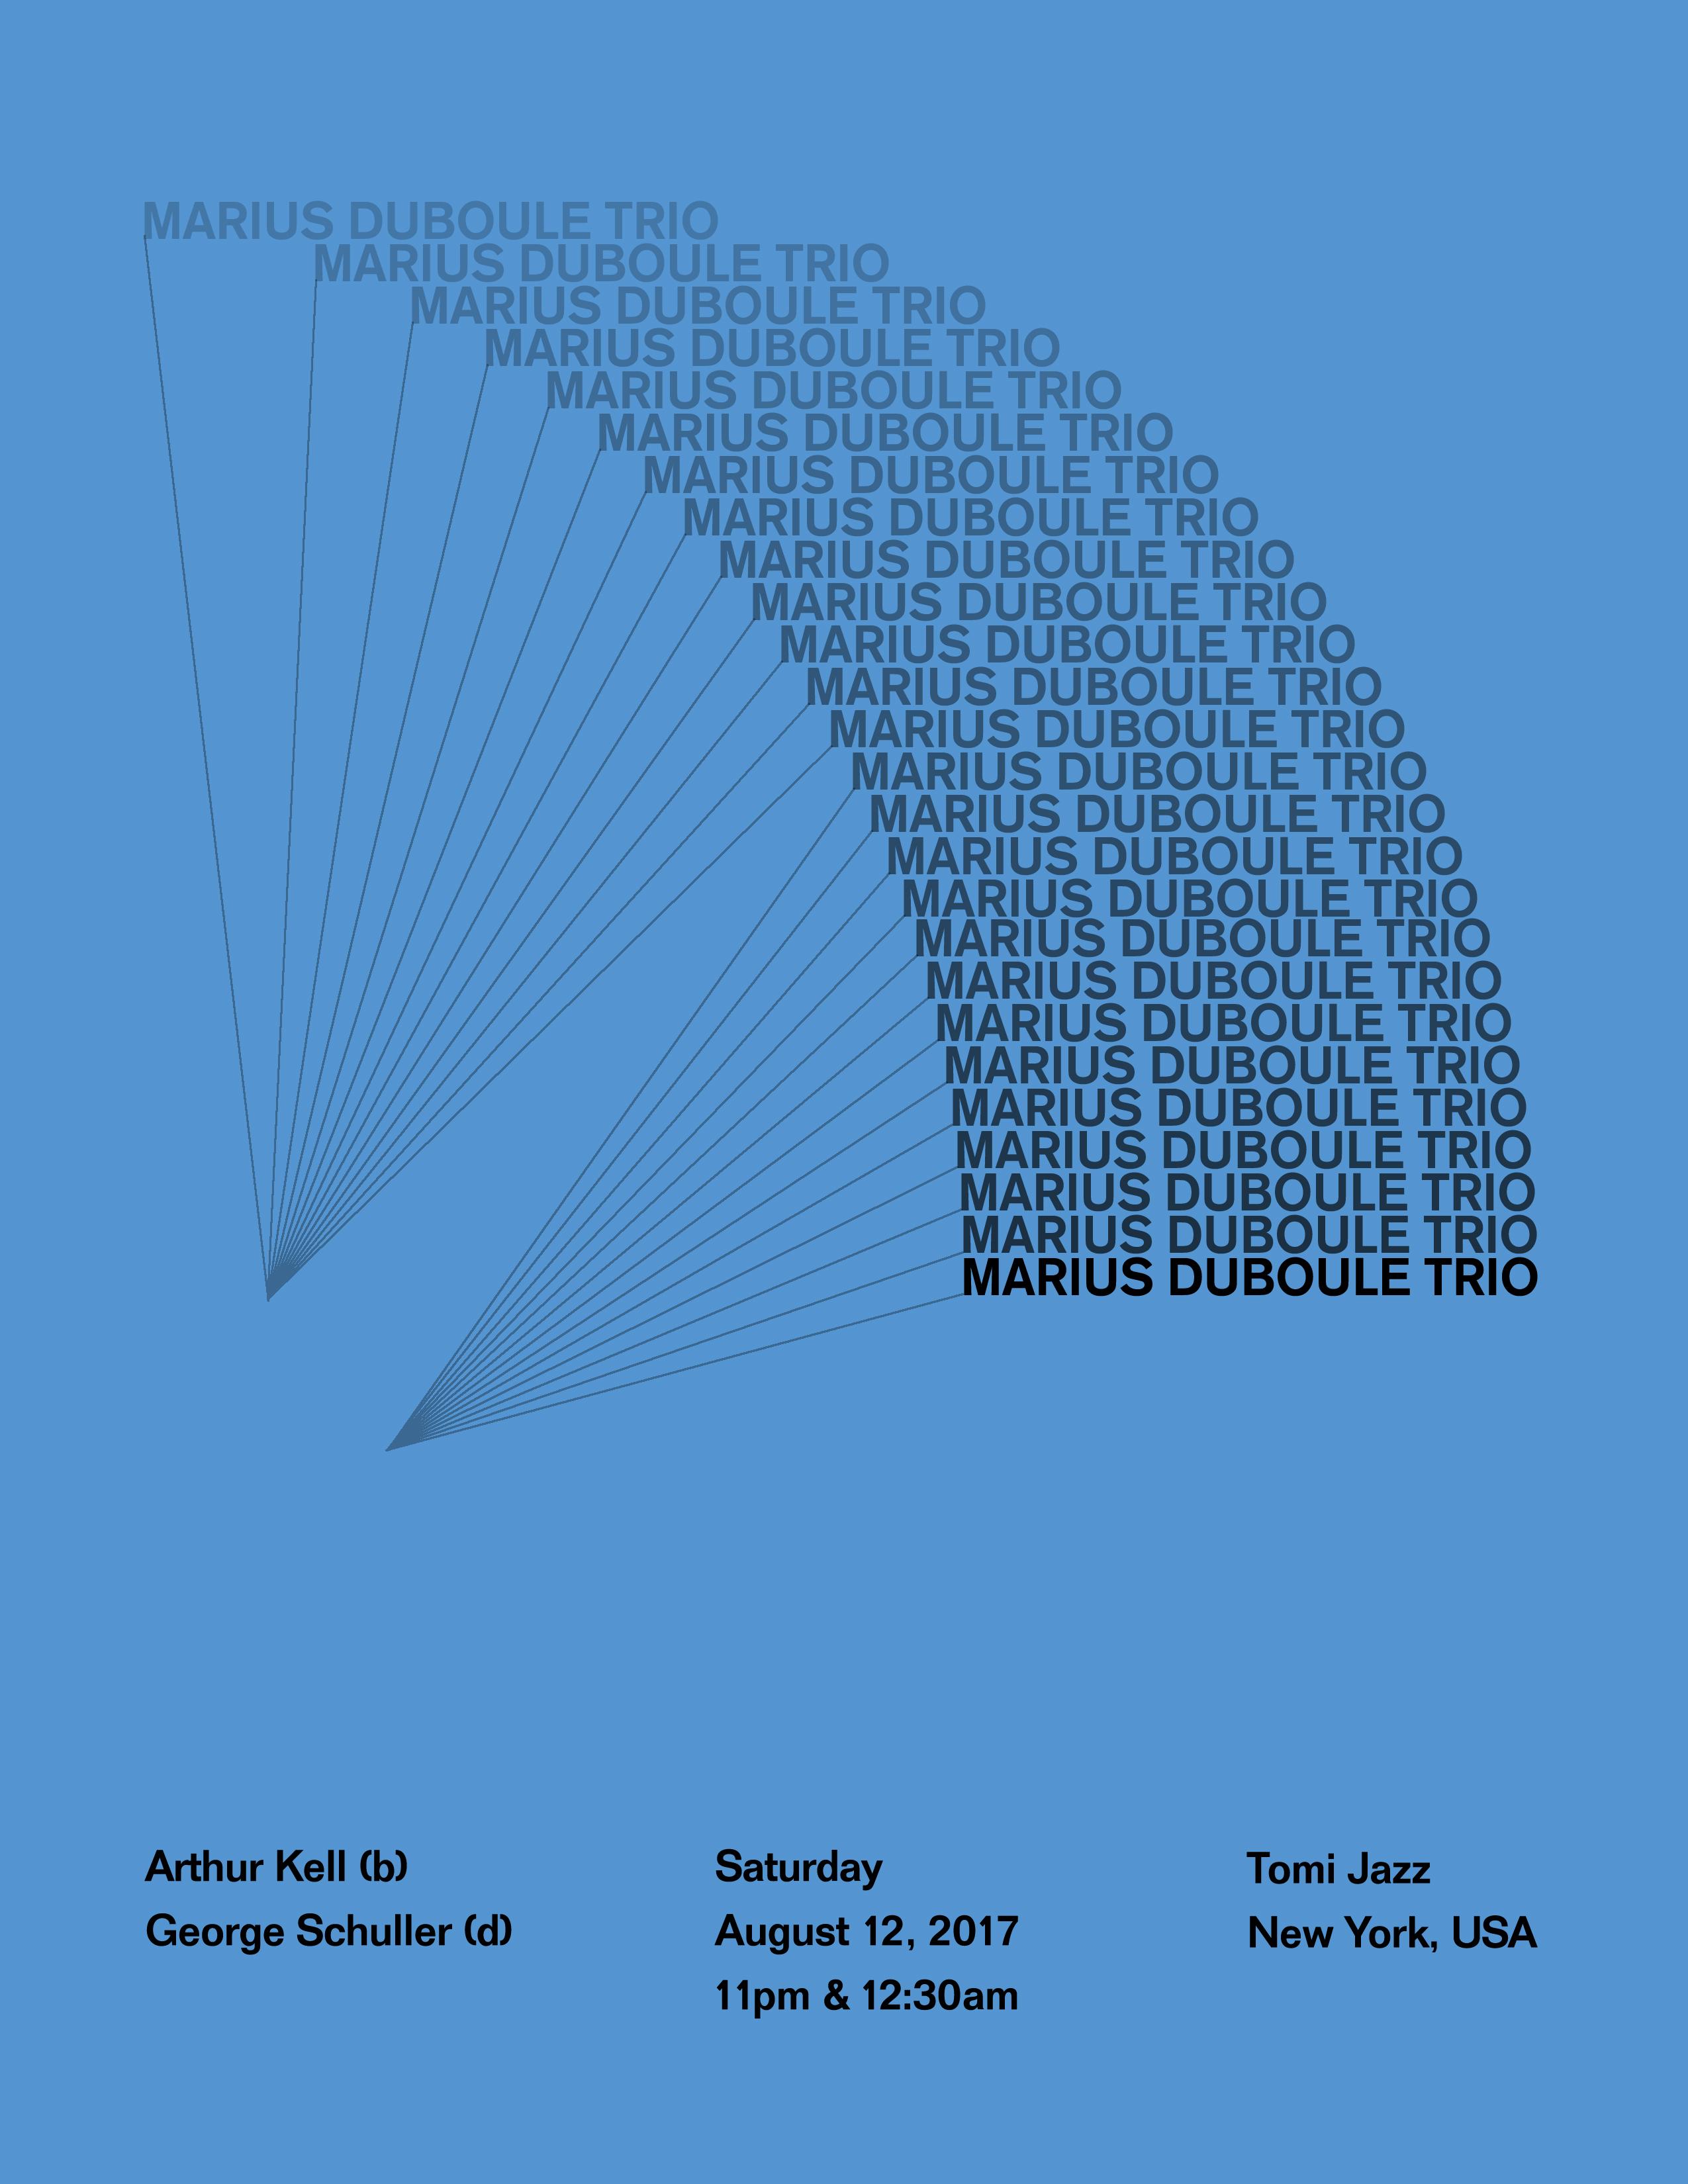 Marius Duboule Trio at Tomi Jazz, August 12 2017